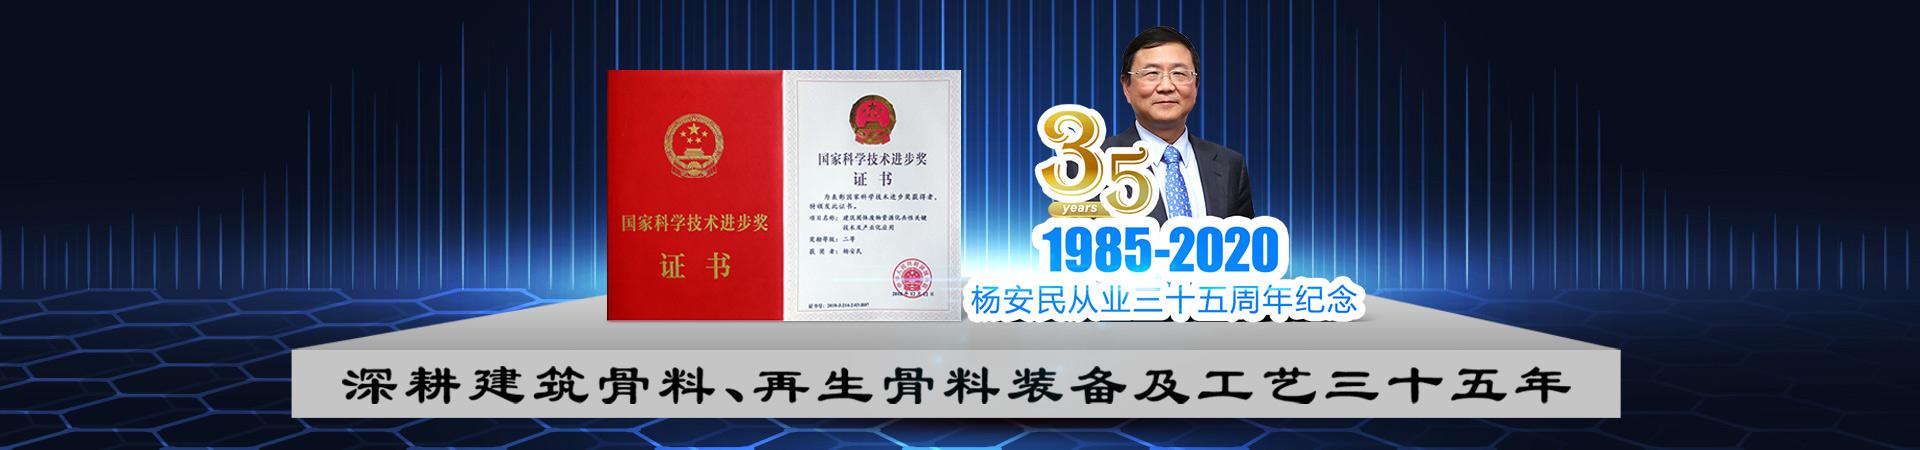 杨安民董事长从业35周年纪念活动